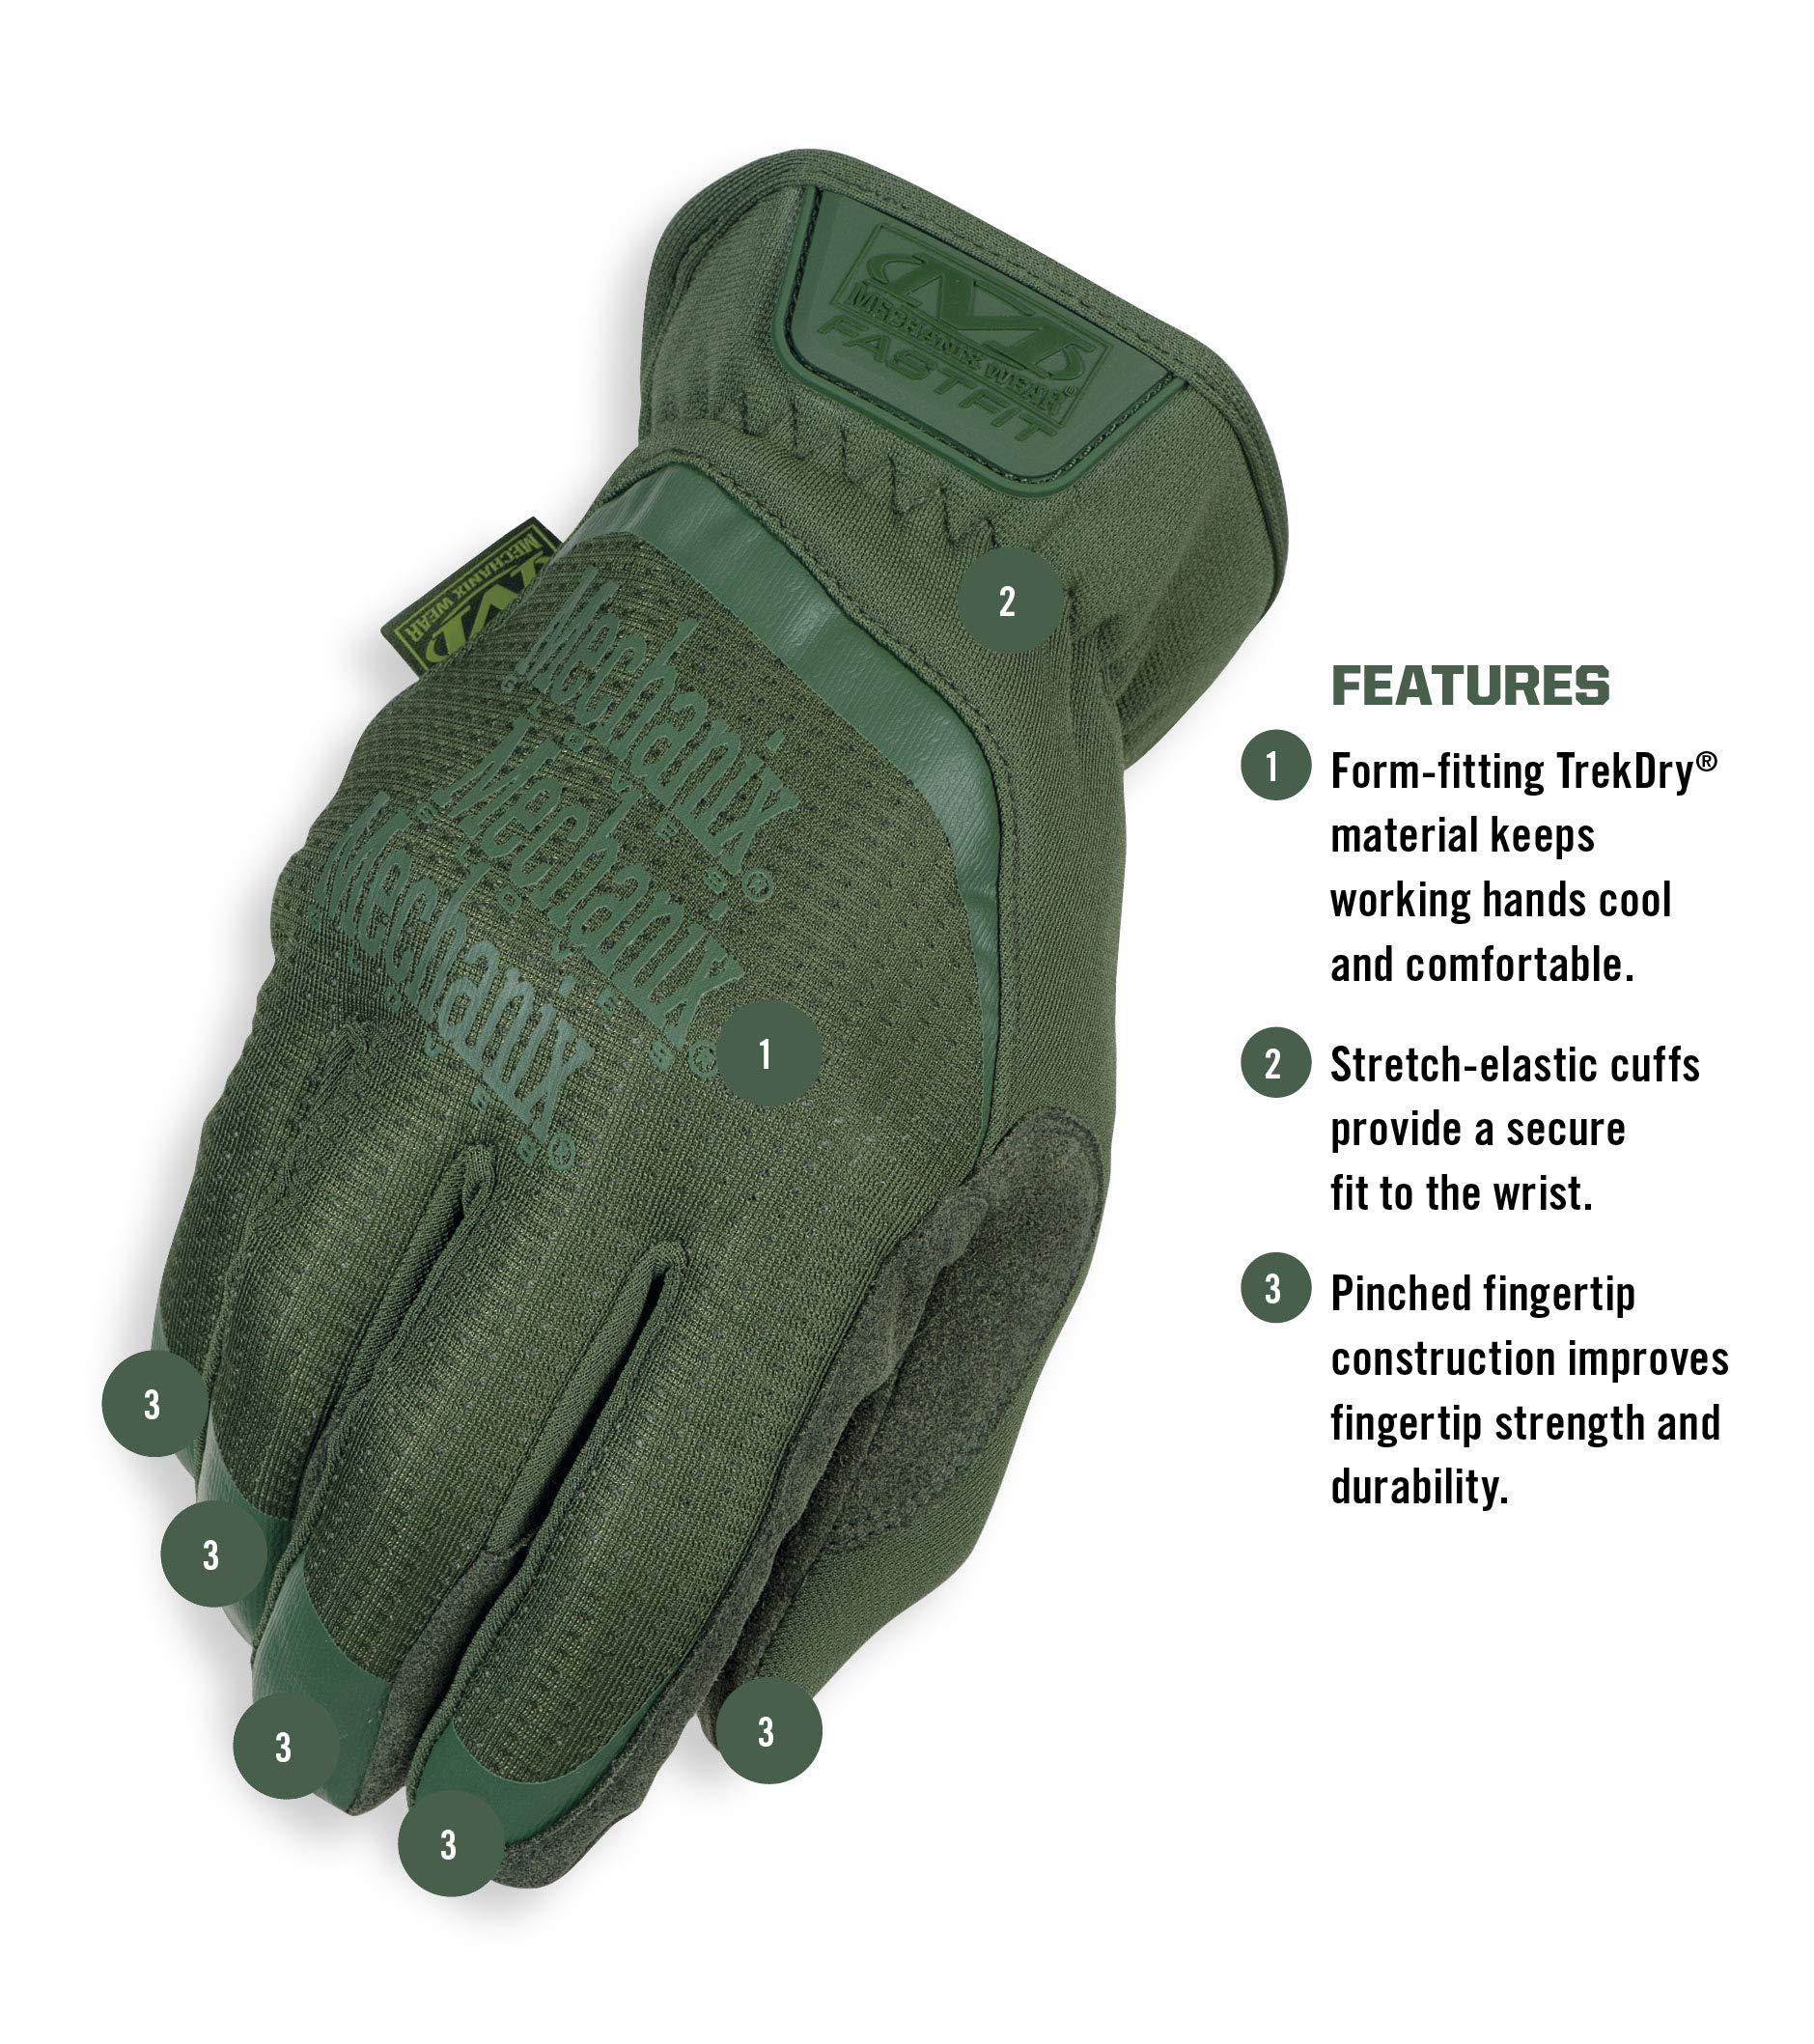 Mechanix Wear FFTAB-60-010 FastFit Large, Od Green by Mechanix Wear (Image #2)